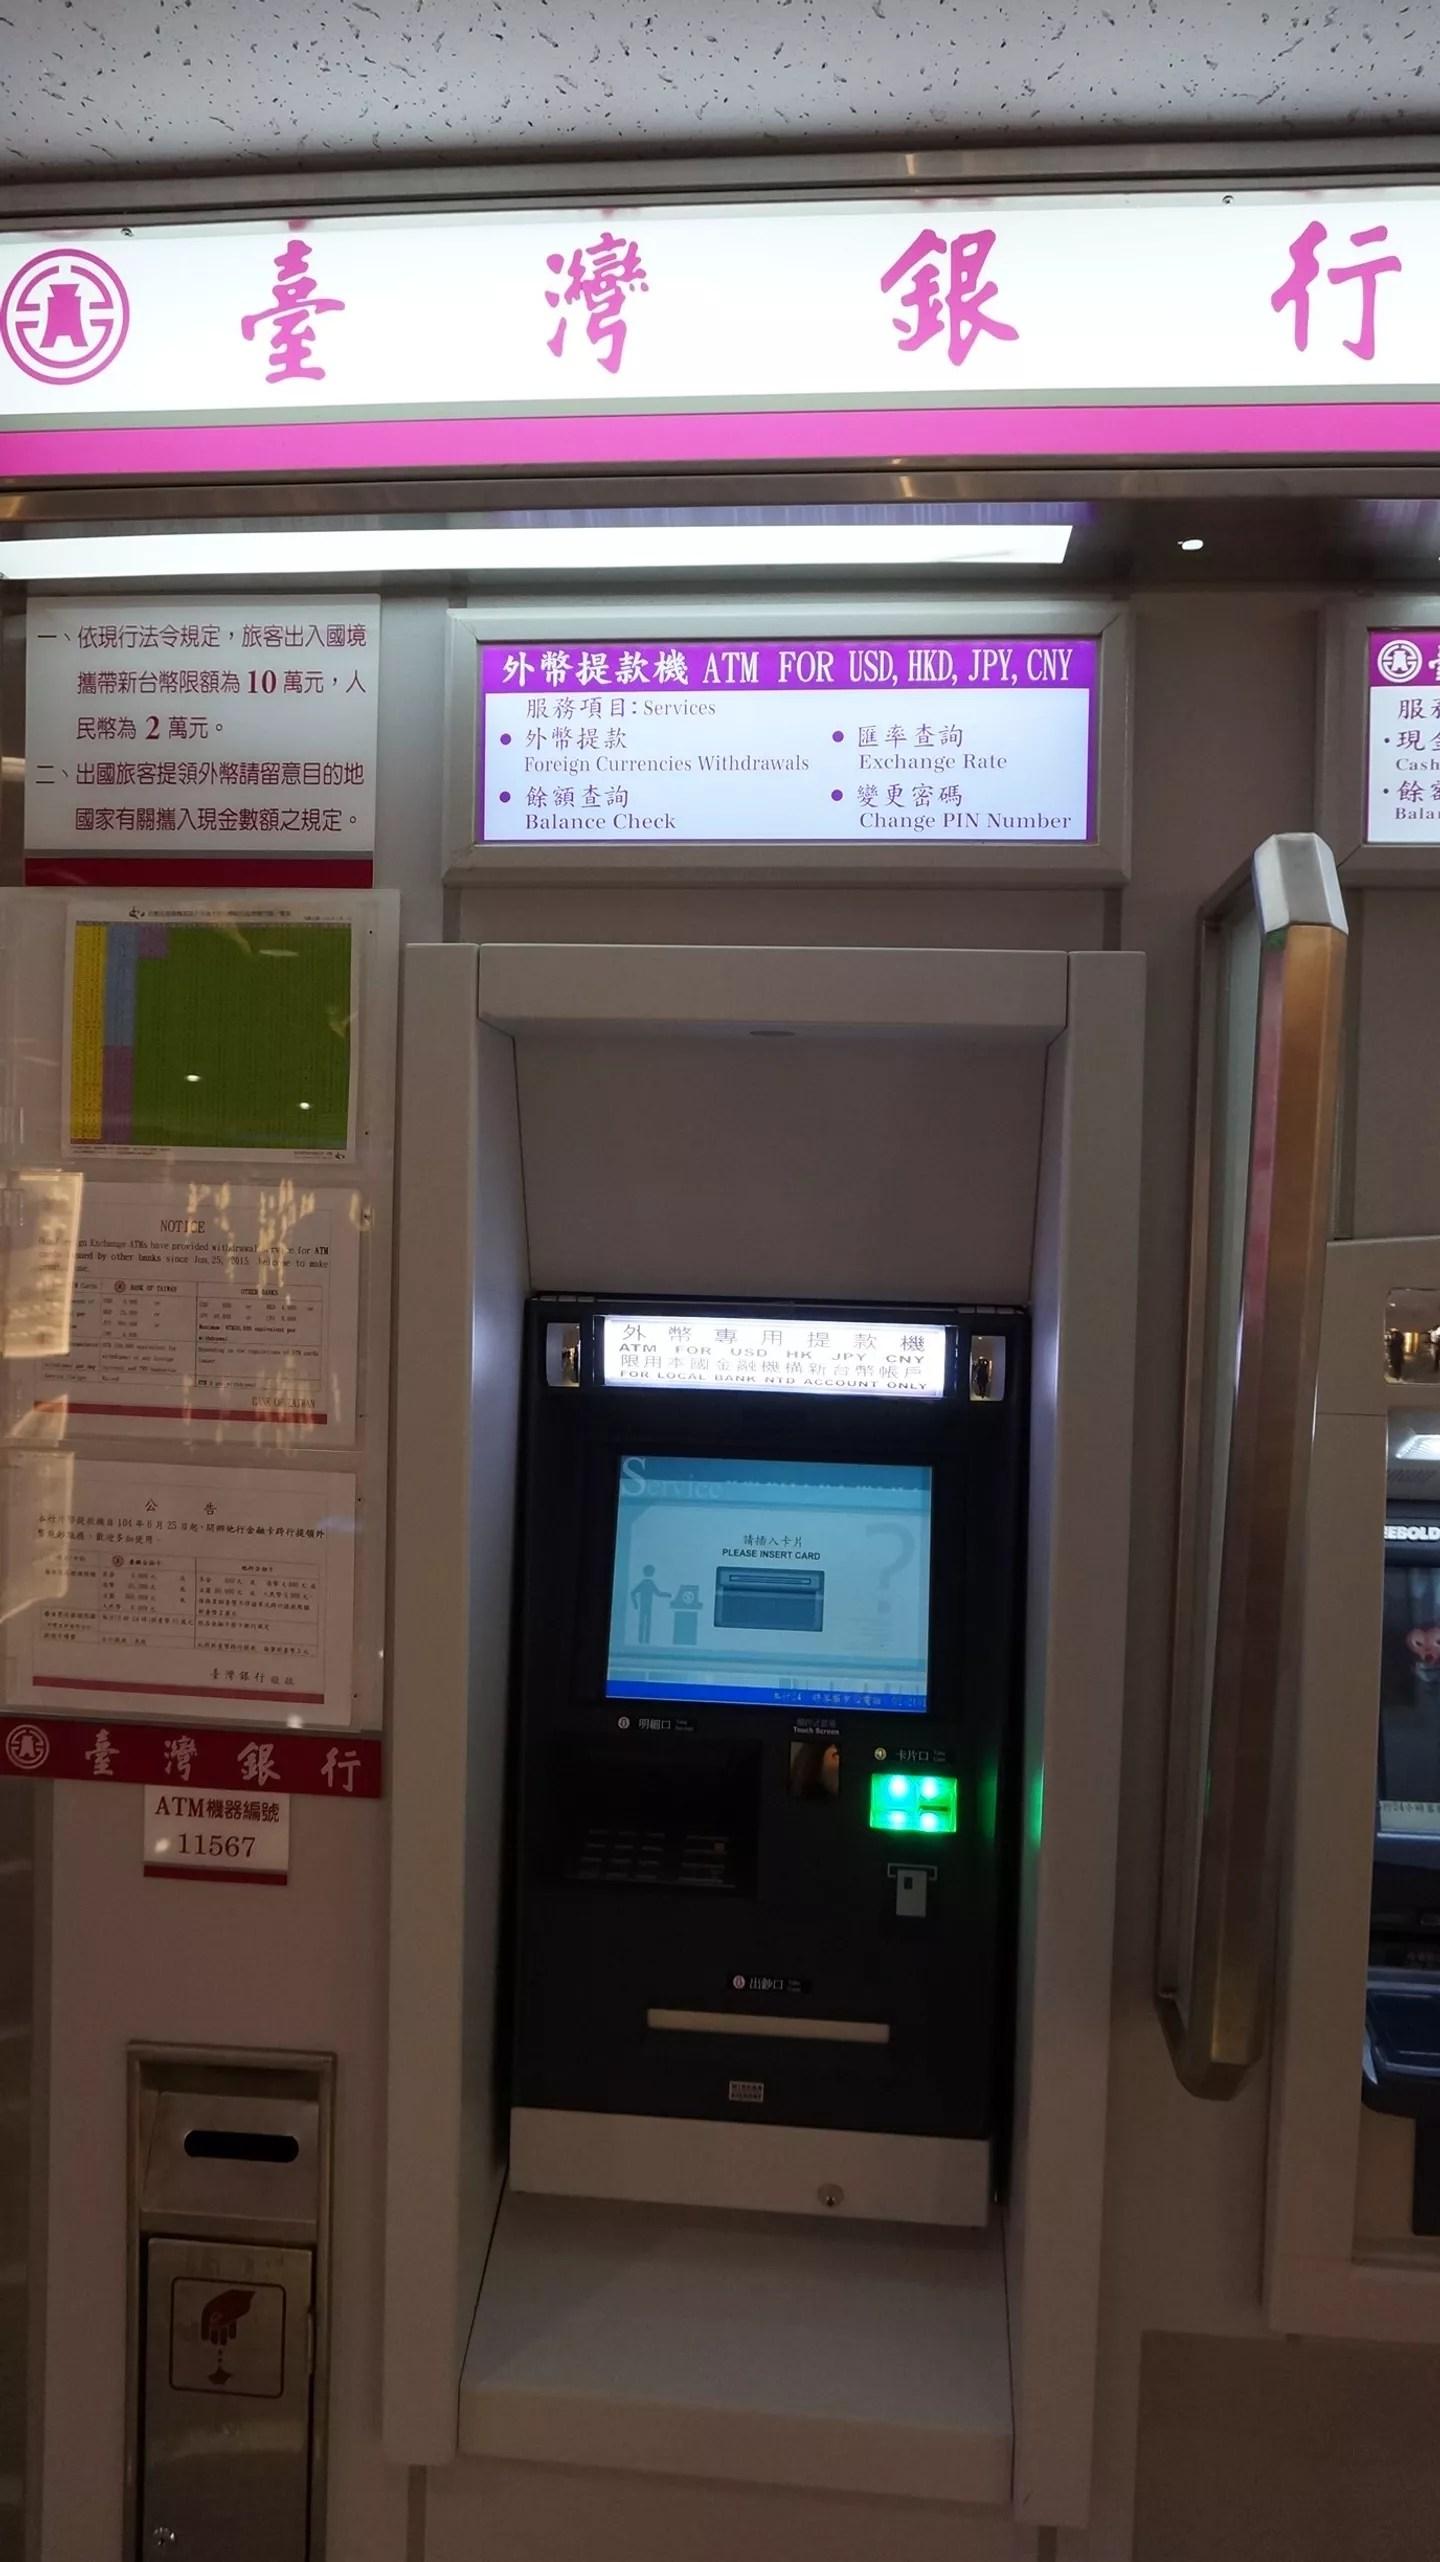 【臺灣桃園機場- 外幣提款機 第一航廈臺銀外幣ATM 位置】@Jennifer Li (10244) - 旅行酒吧